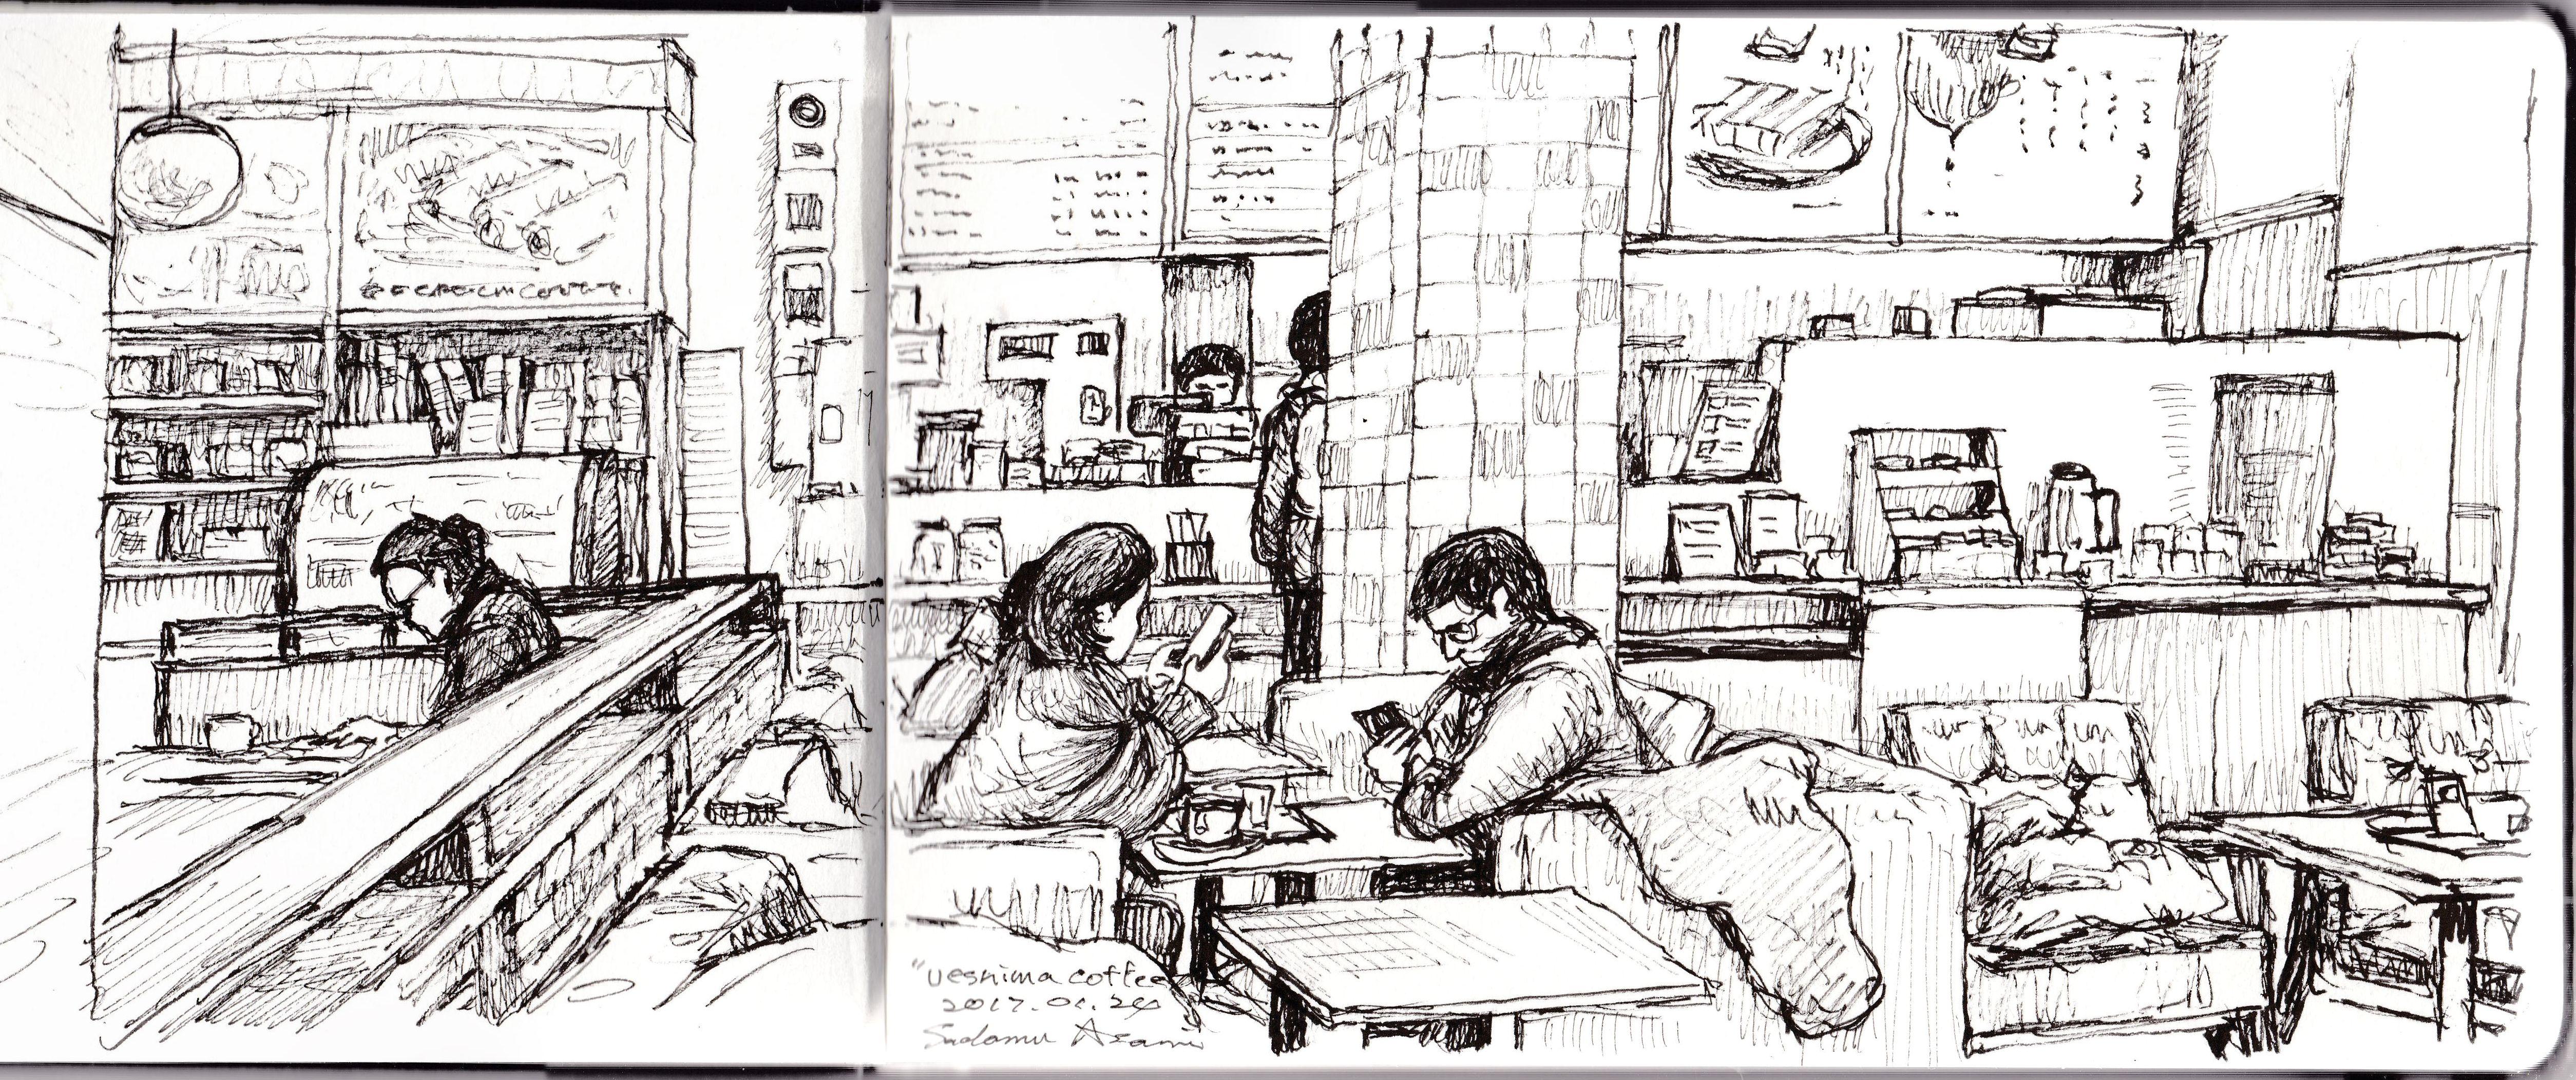 cafe sketch no.1